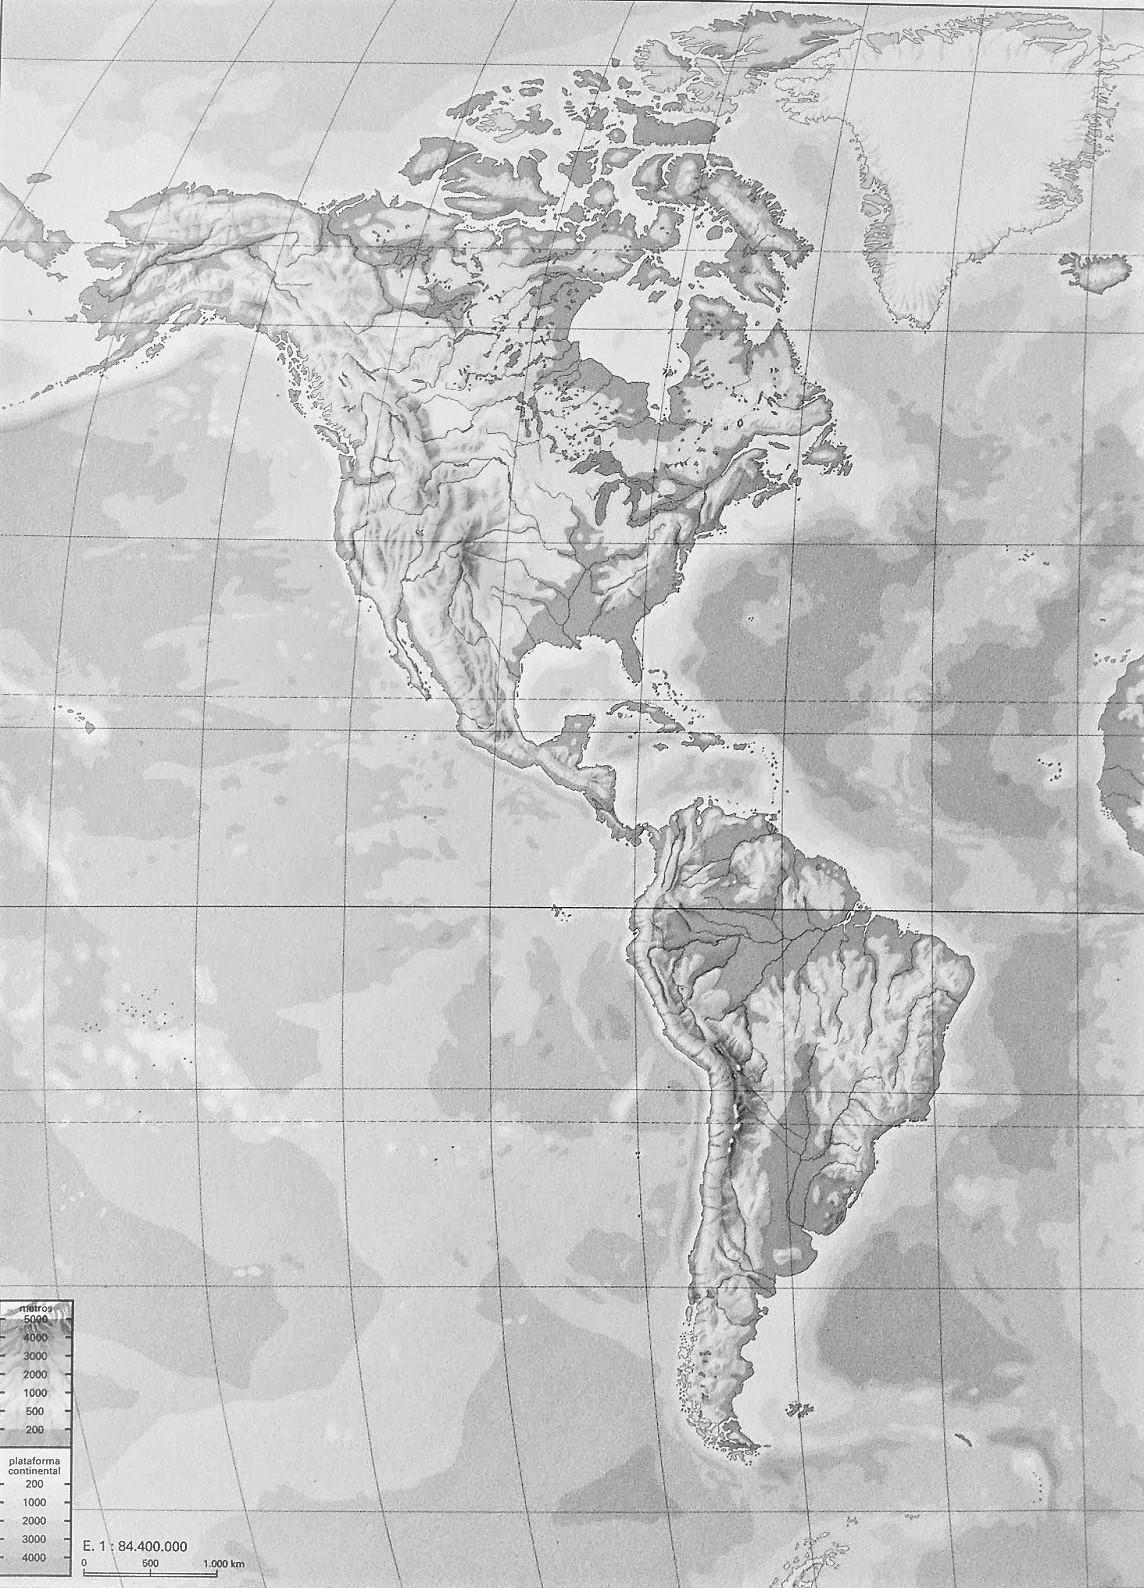 Mapa America Politico Mudo.Mapa De America Para Imprimir Politico Fisico Mudo